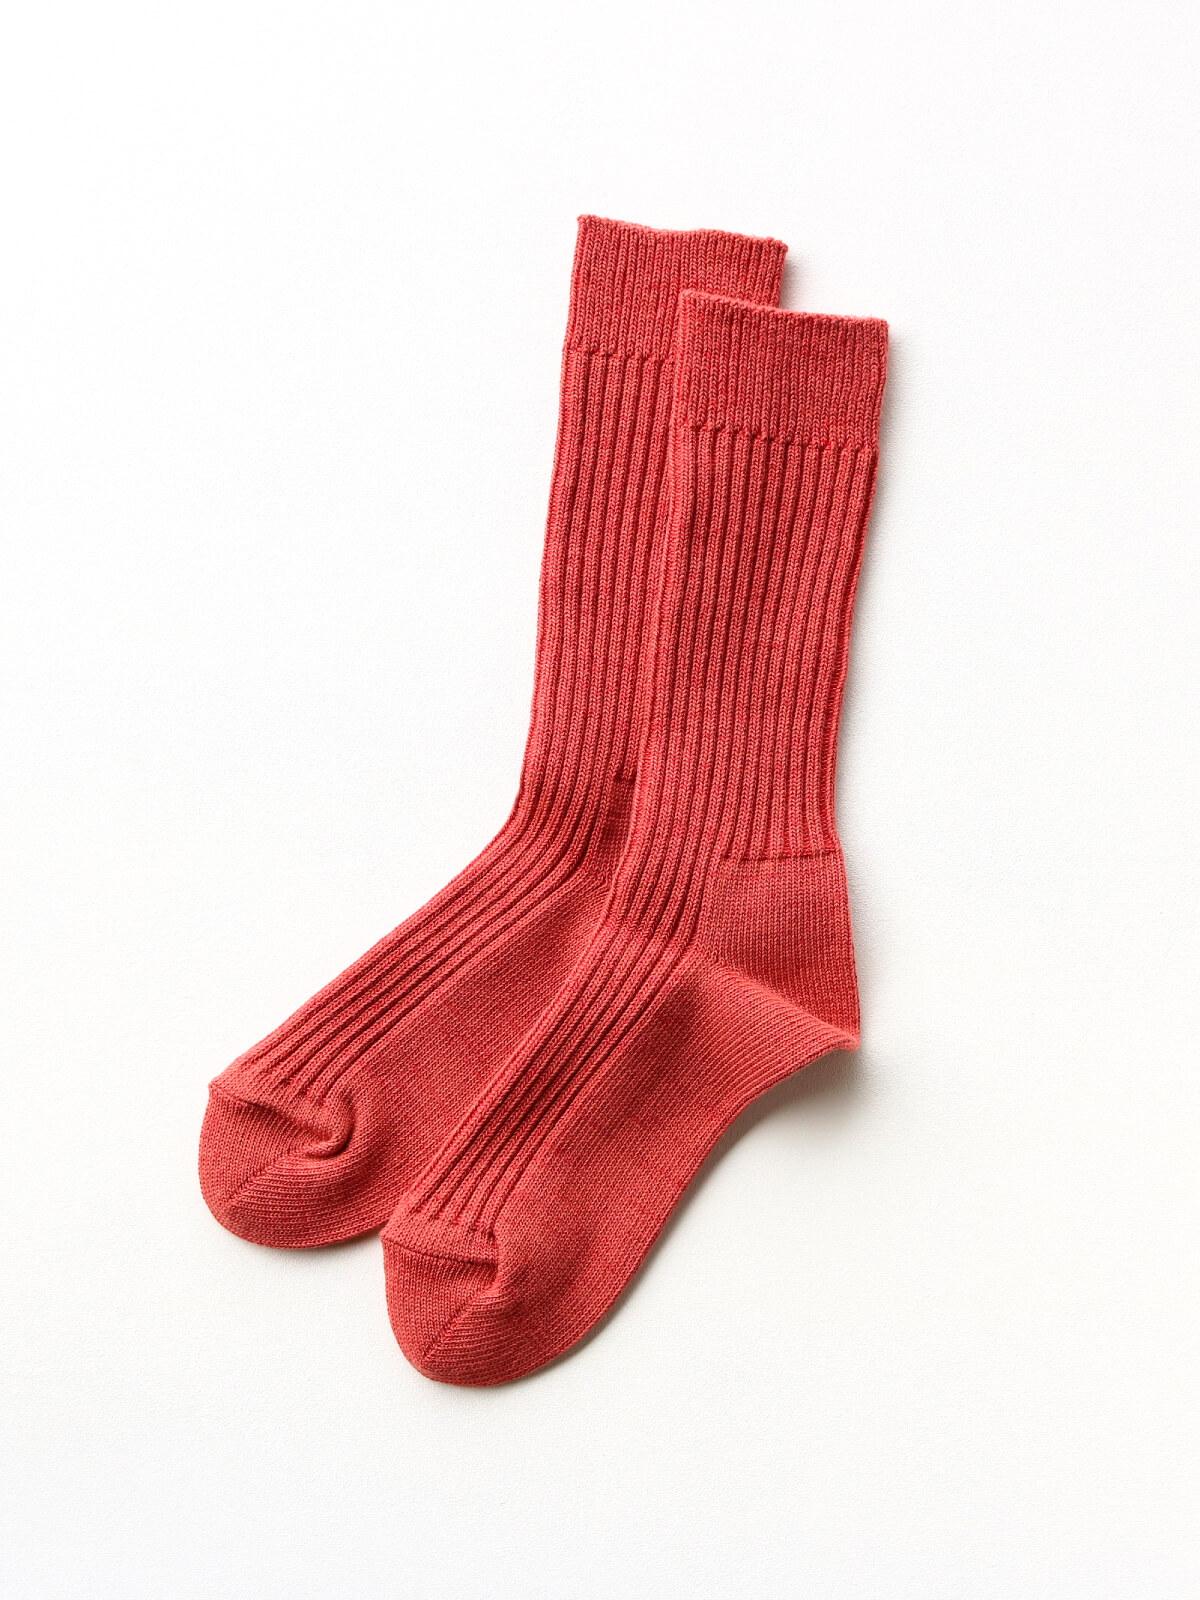 当たりつきギフト専用靴下のLUCKY SOCKS(ラッキーソックス)のSmooth Rib Socks(スムースリブソックス)のブラッドオレンジ_2